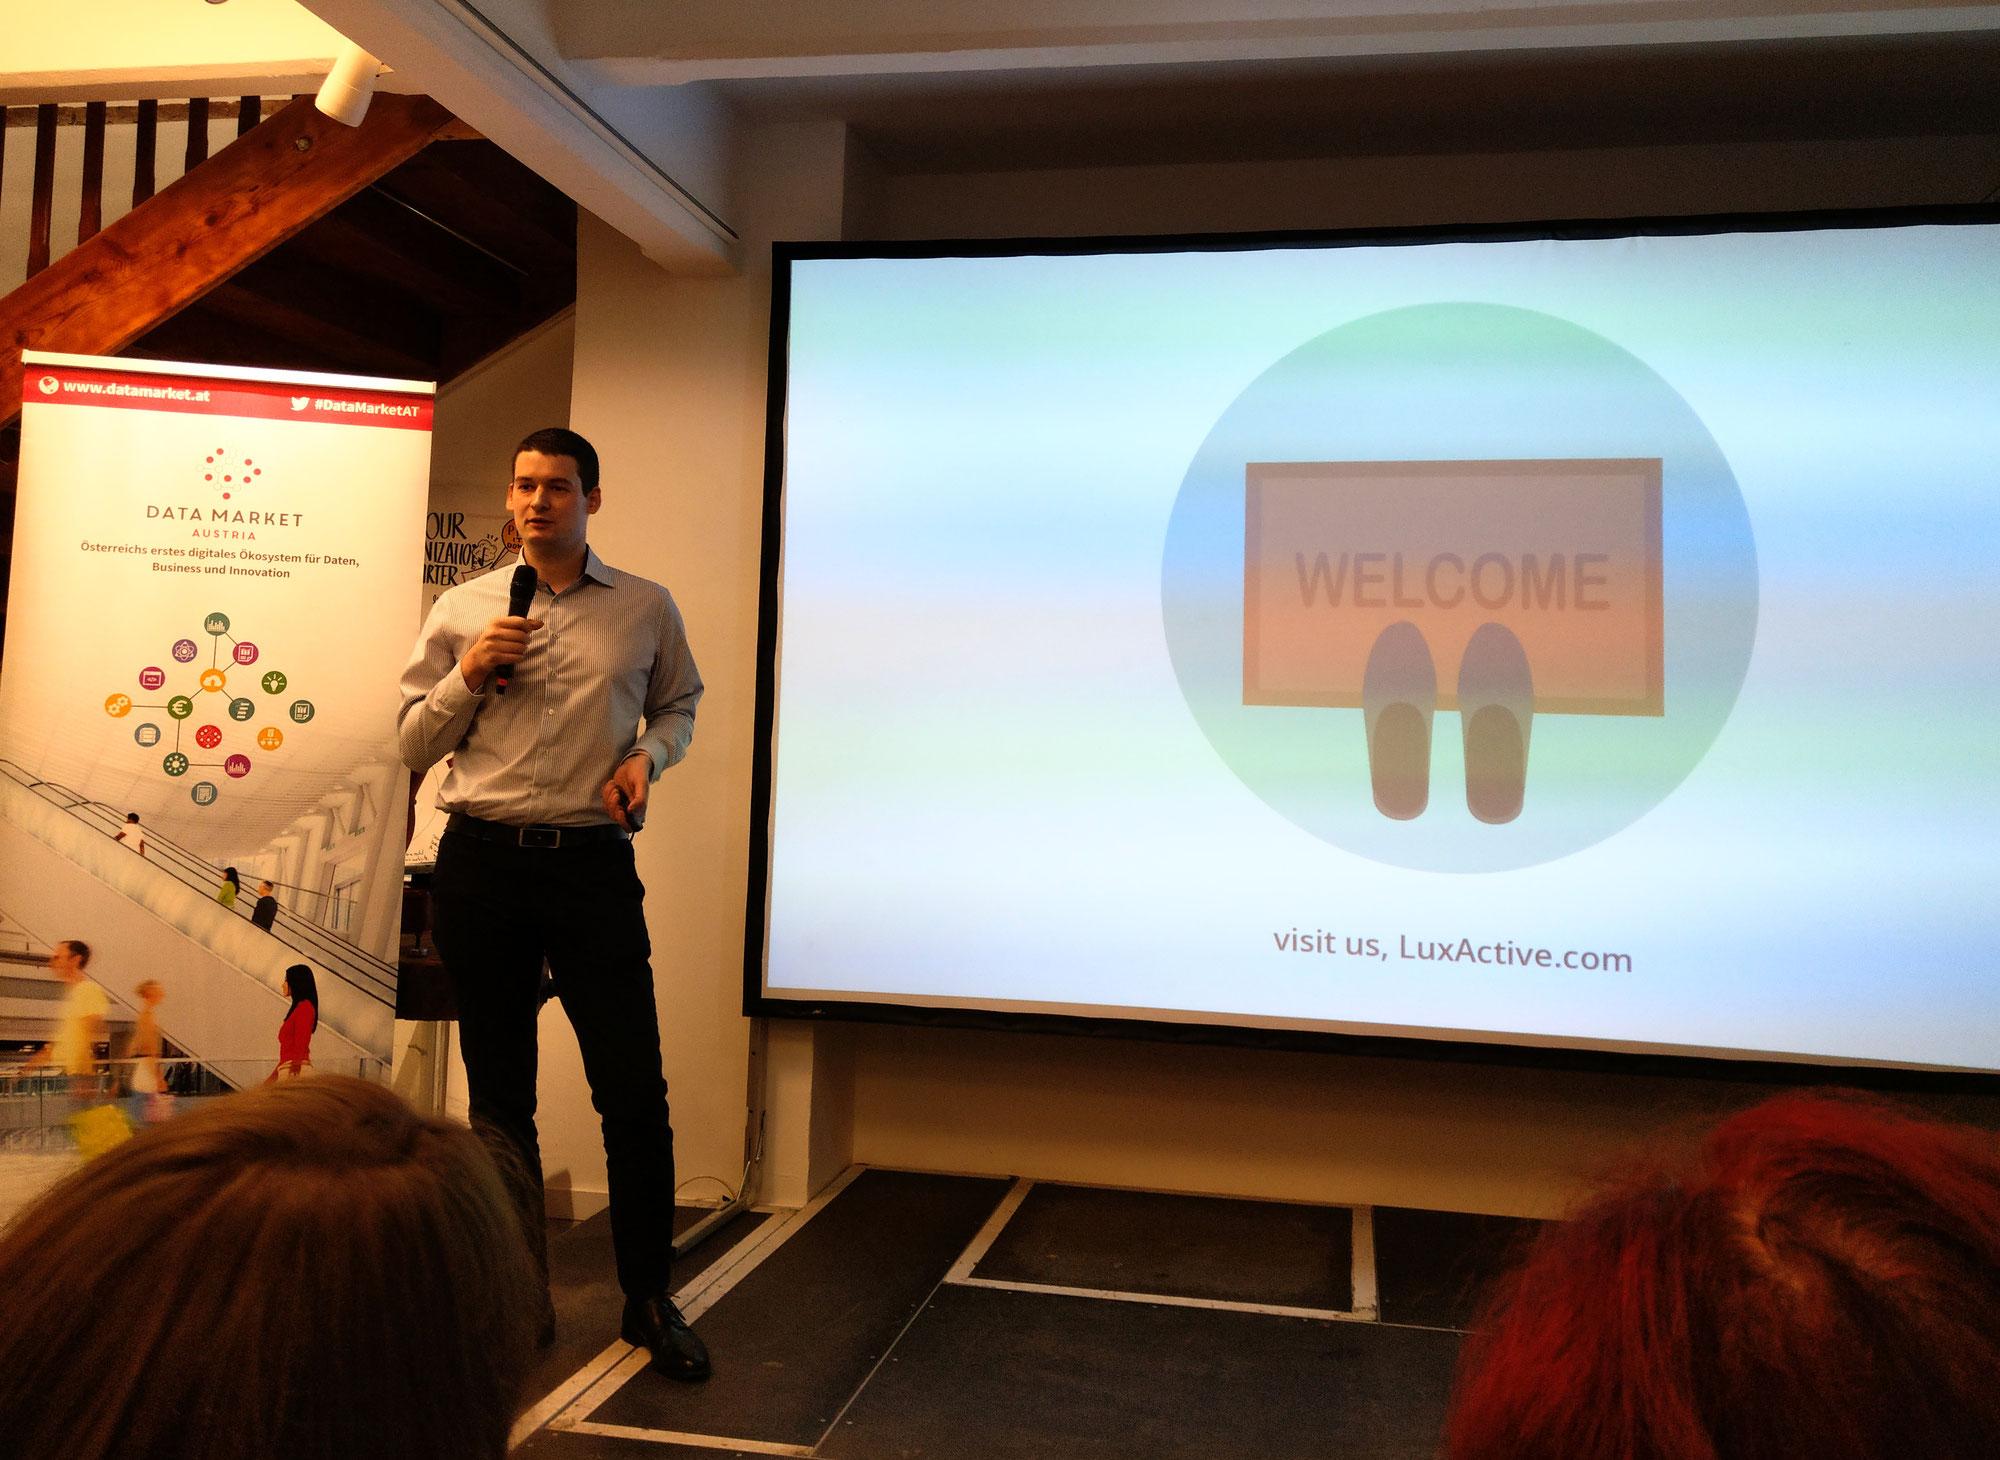 LuxActive bei der Ignite Night über den Data Market Austria (DMA)